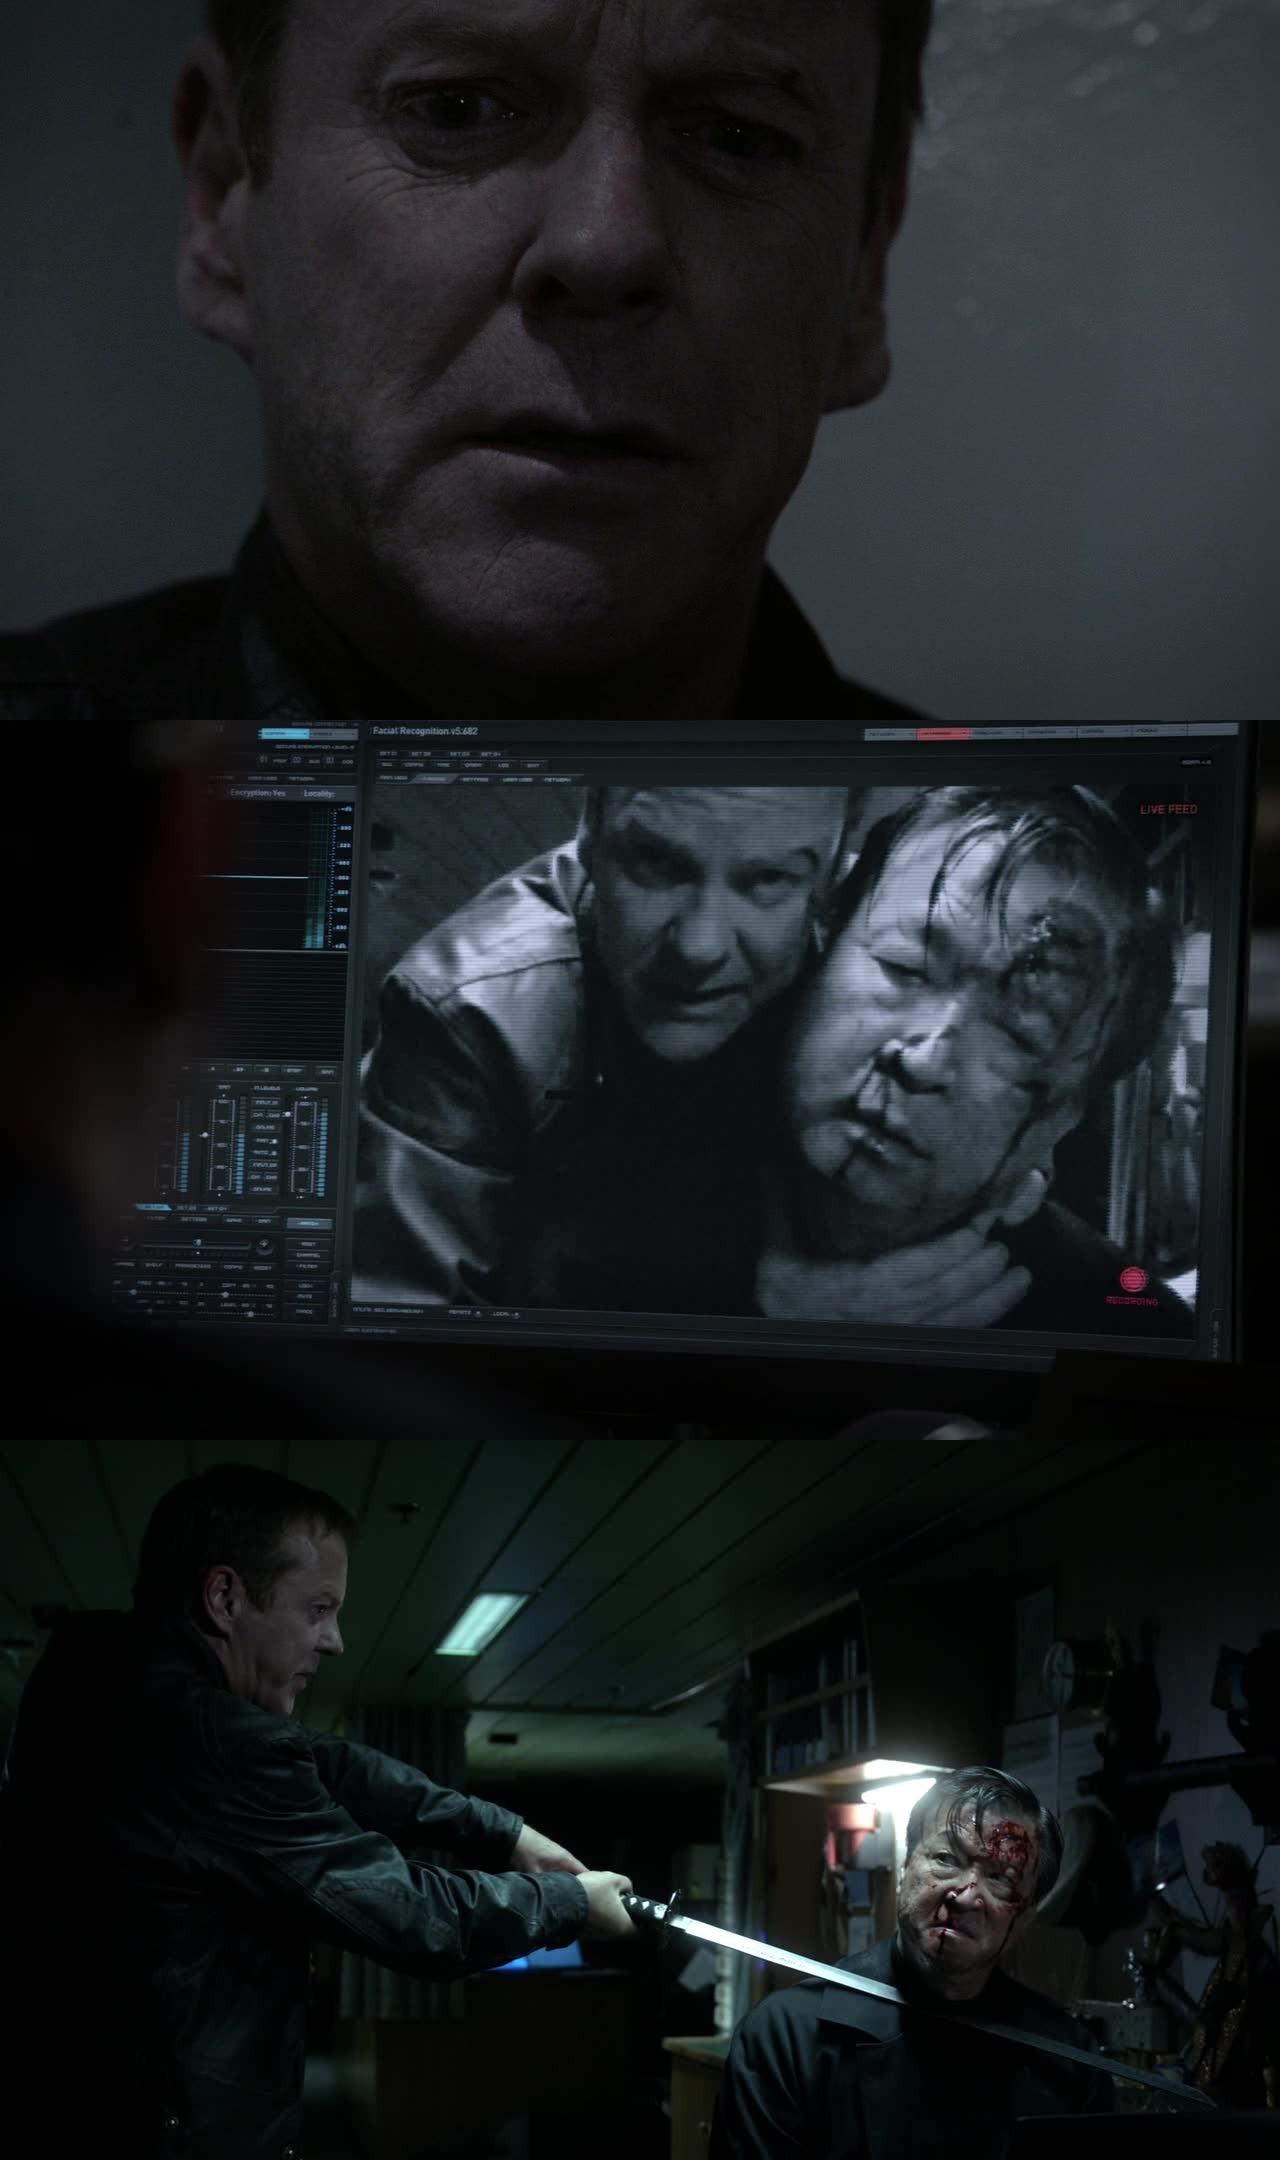 Jack Bauer en mode Fury, wow! Une super saison, condensée mais rythmée à souhait, avec un final déchirant qui ouvre la porte à une suite... Ou pas... So long Jack, thanks for all those years of duty!